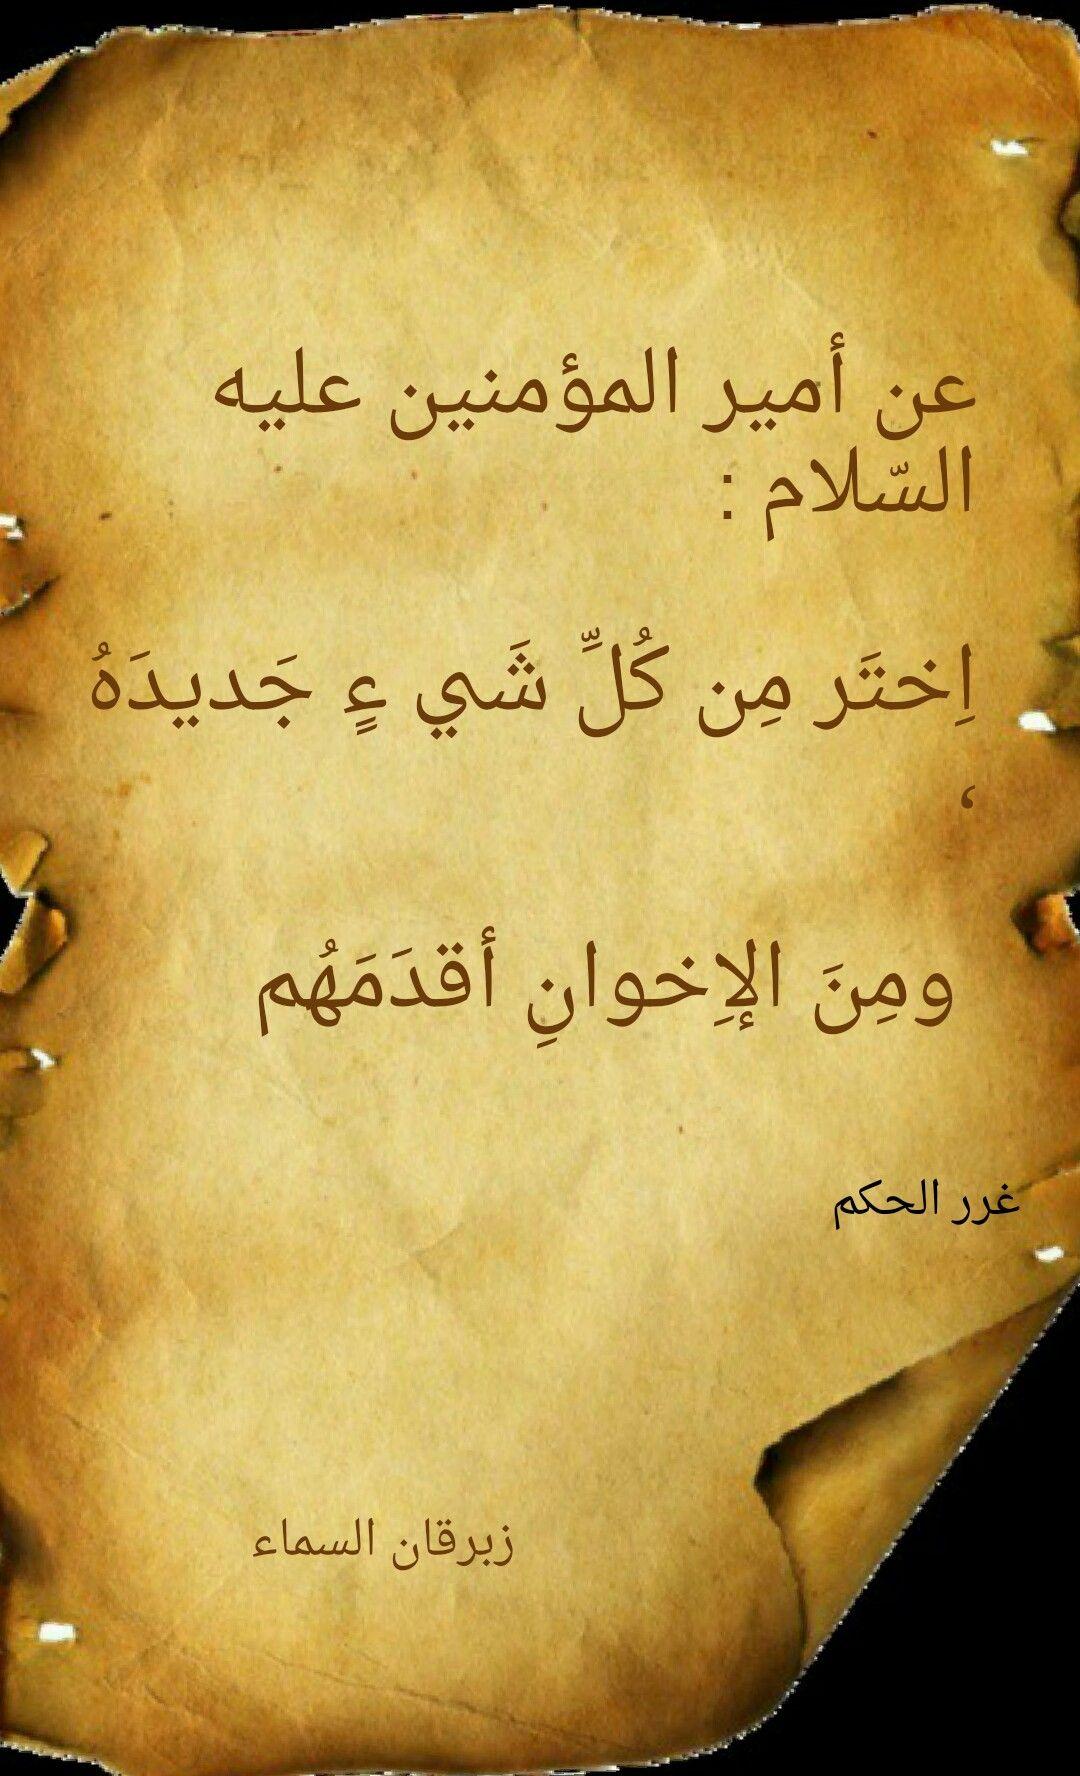 زبرقان السماء Islamic Quotes Quran Islamic Quotes Quotes